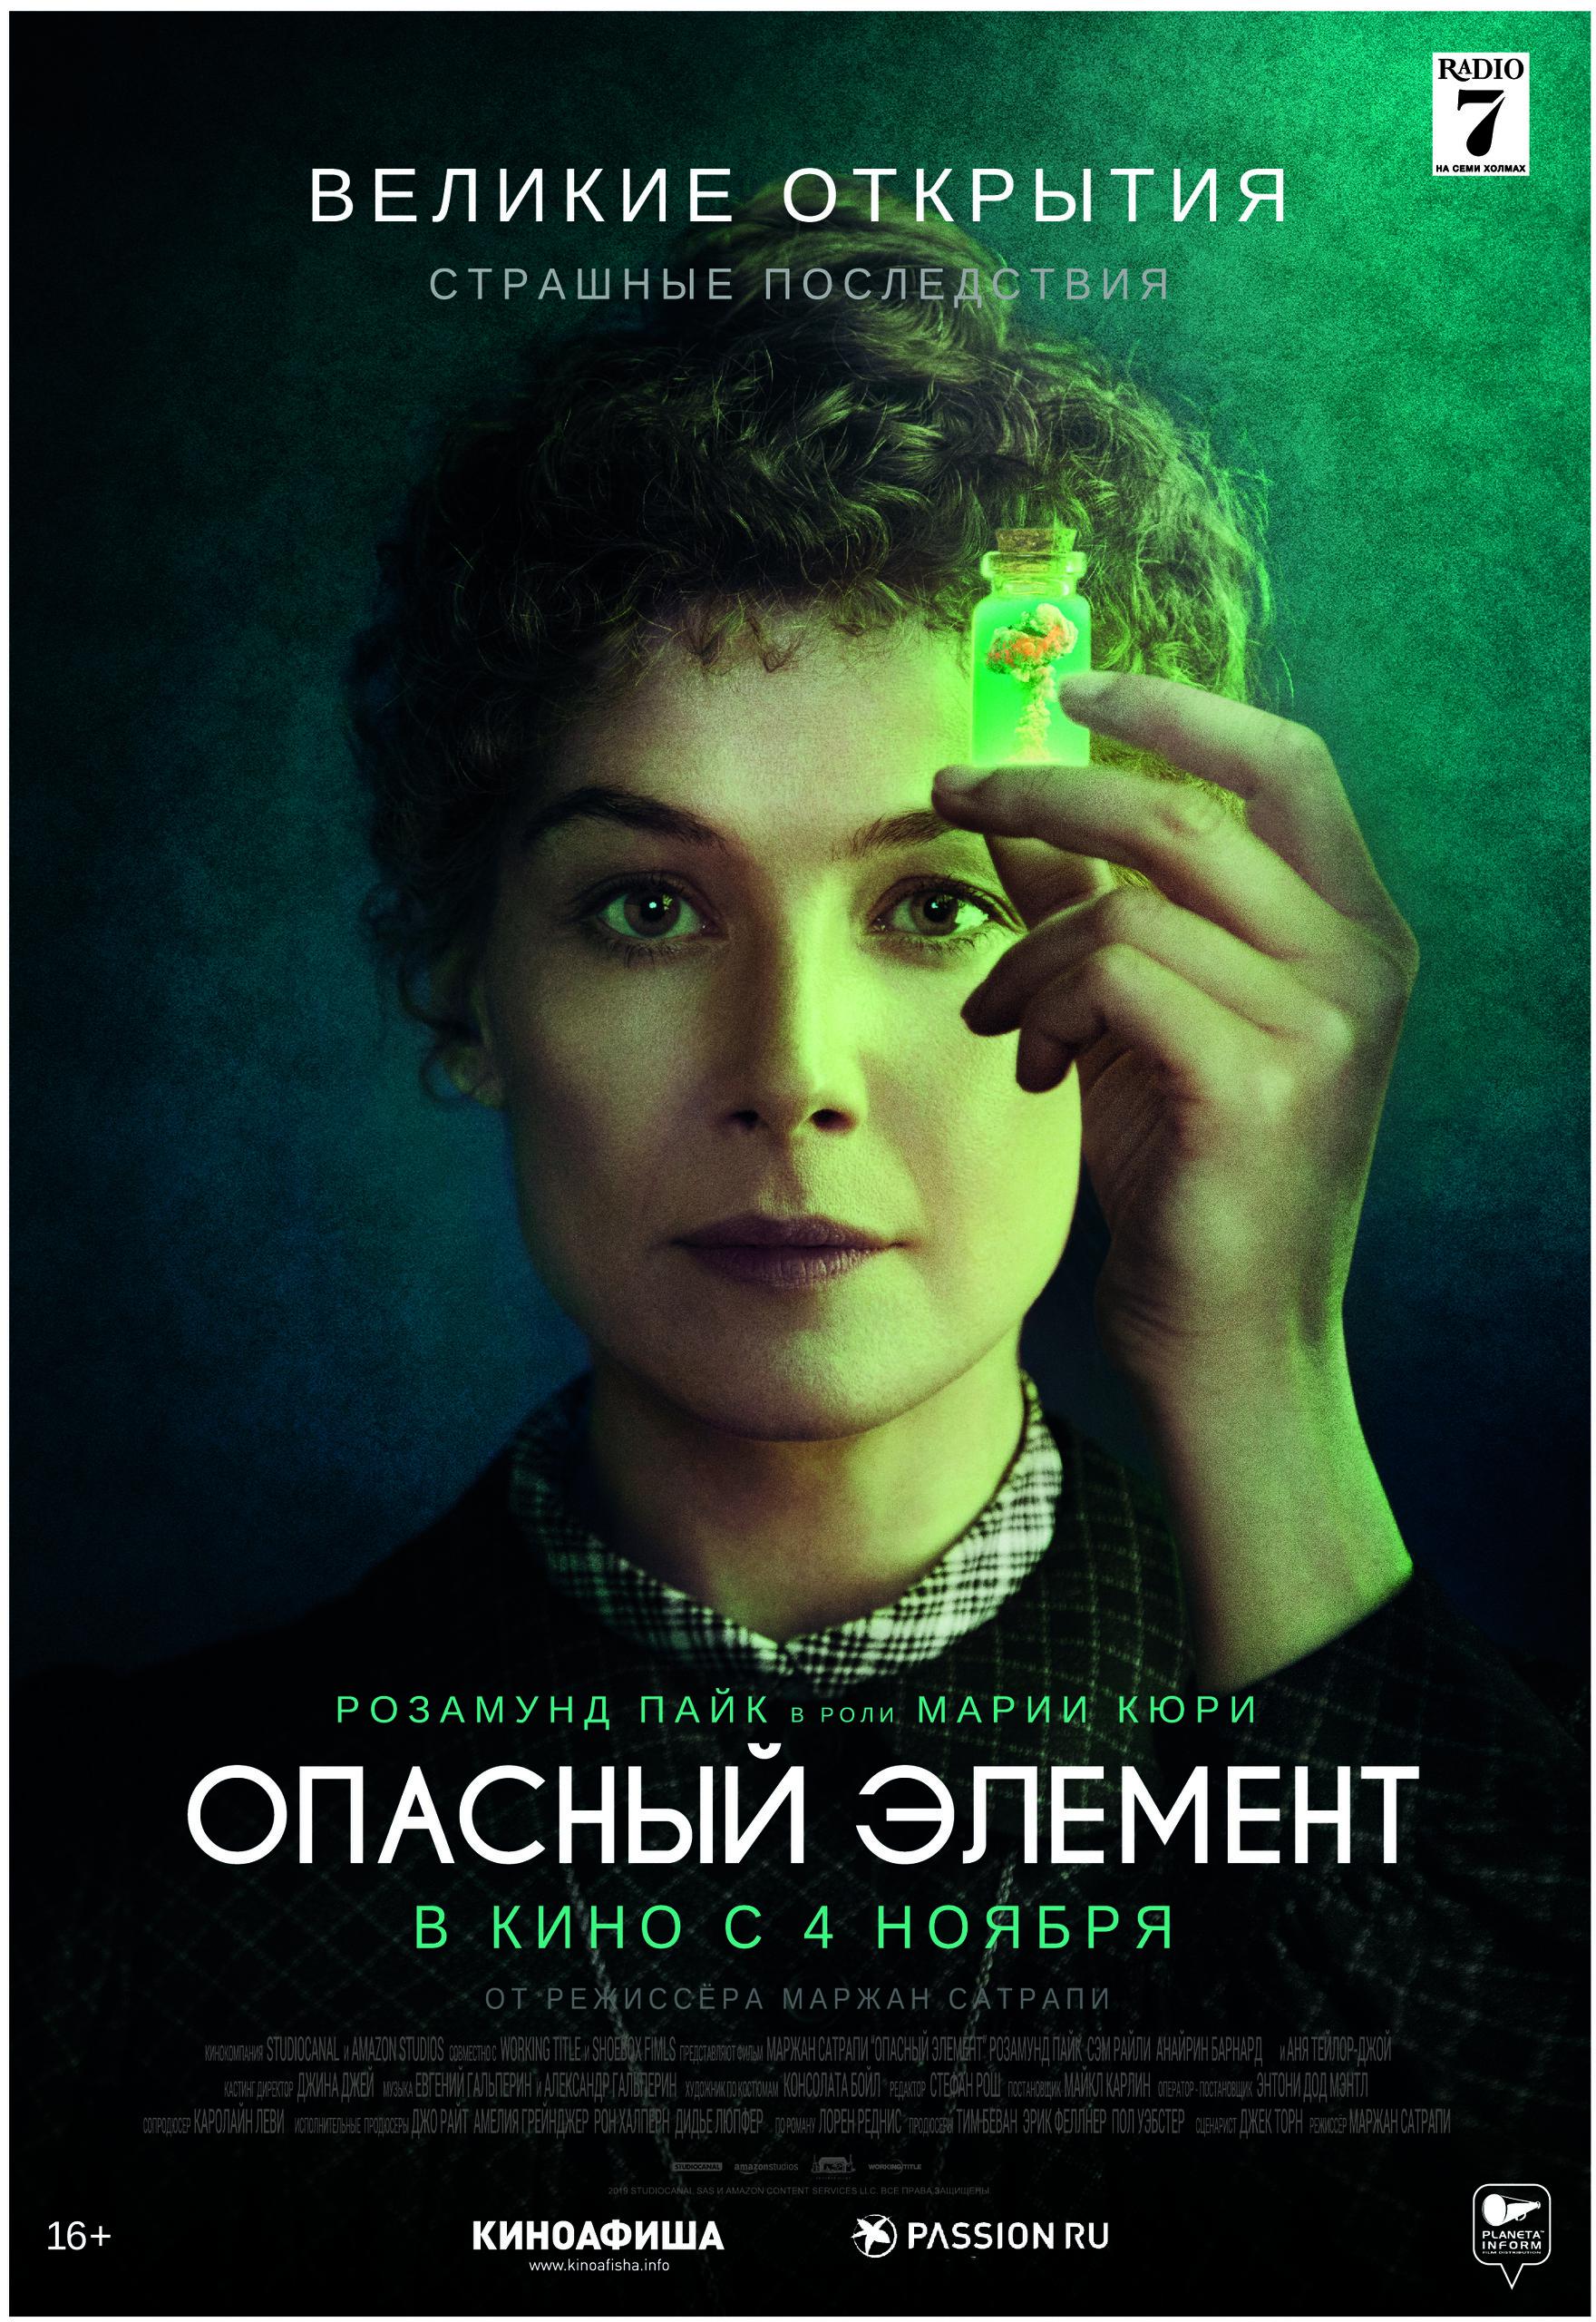 Опасный элемент, постер № 3